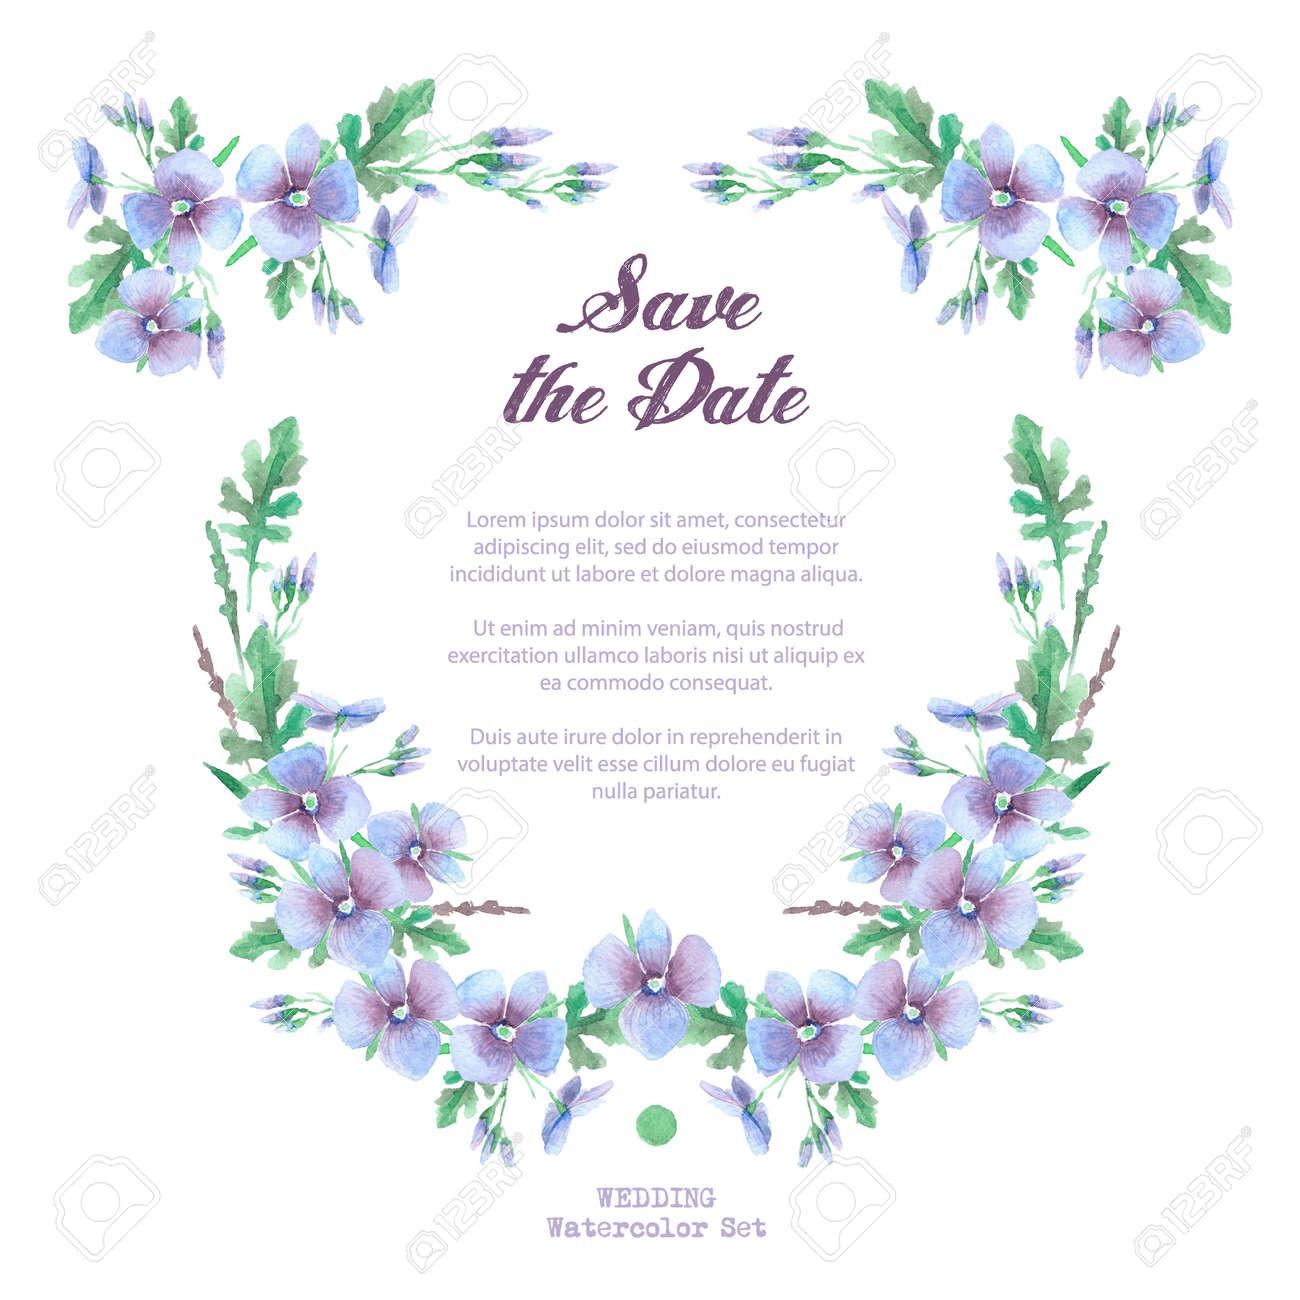 Modele Pour La Celebration Invitation De Mariage Fleurs Bleues Aquarelle Hortensia Bleu Lavande